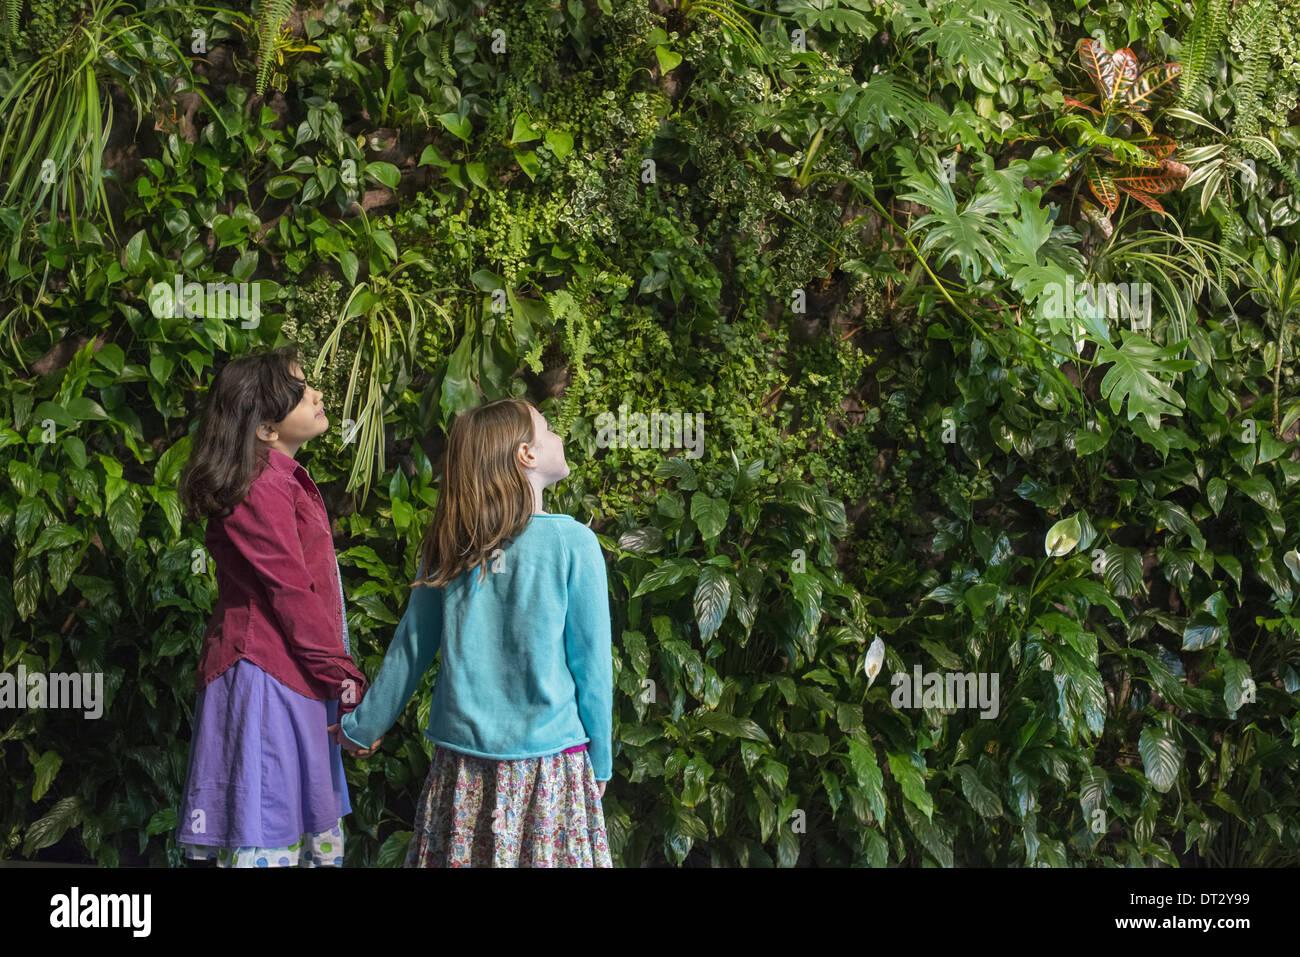 Mode de vie urbain deux enfants se tenant la main et à la recherche jusqu'à un mur couvert de feuillage de plus en plus d'une large gamme de plantes Photo Stock